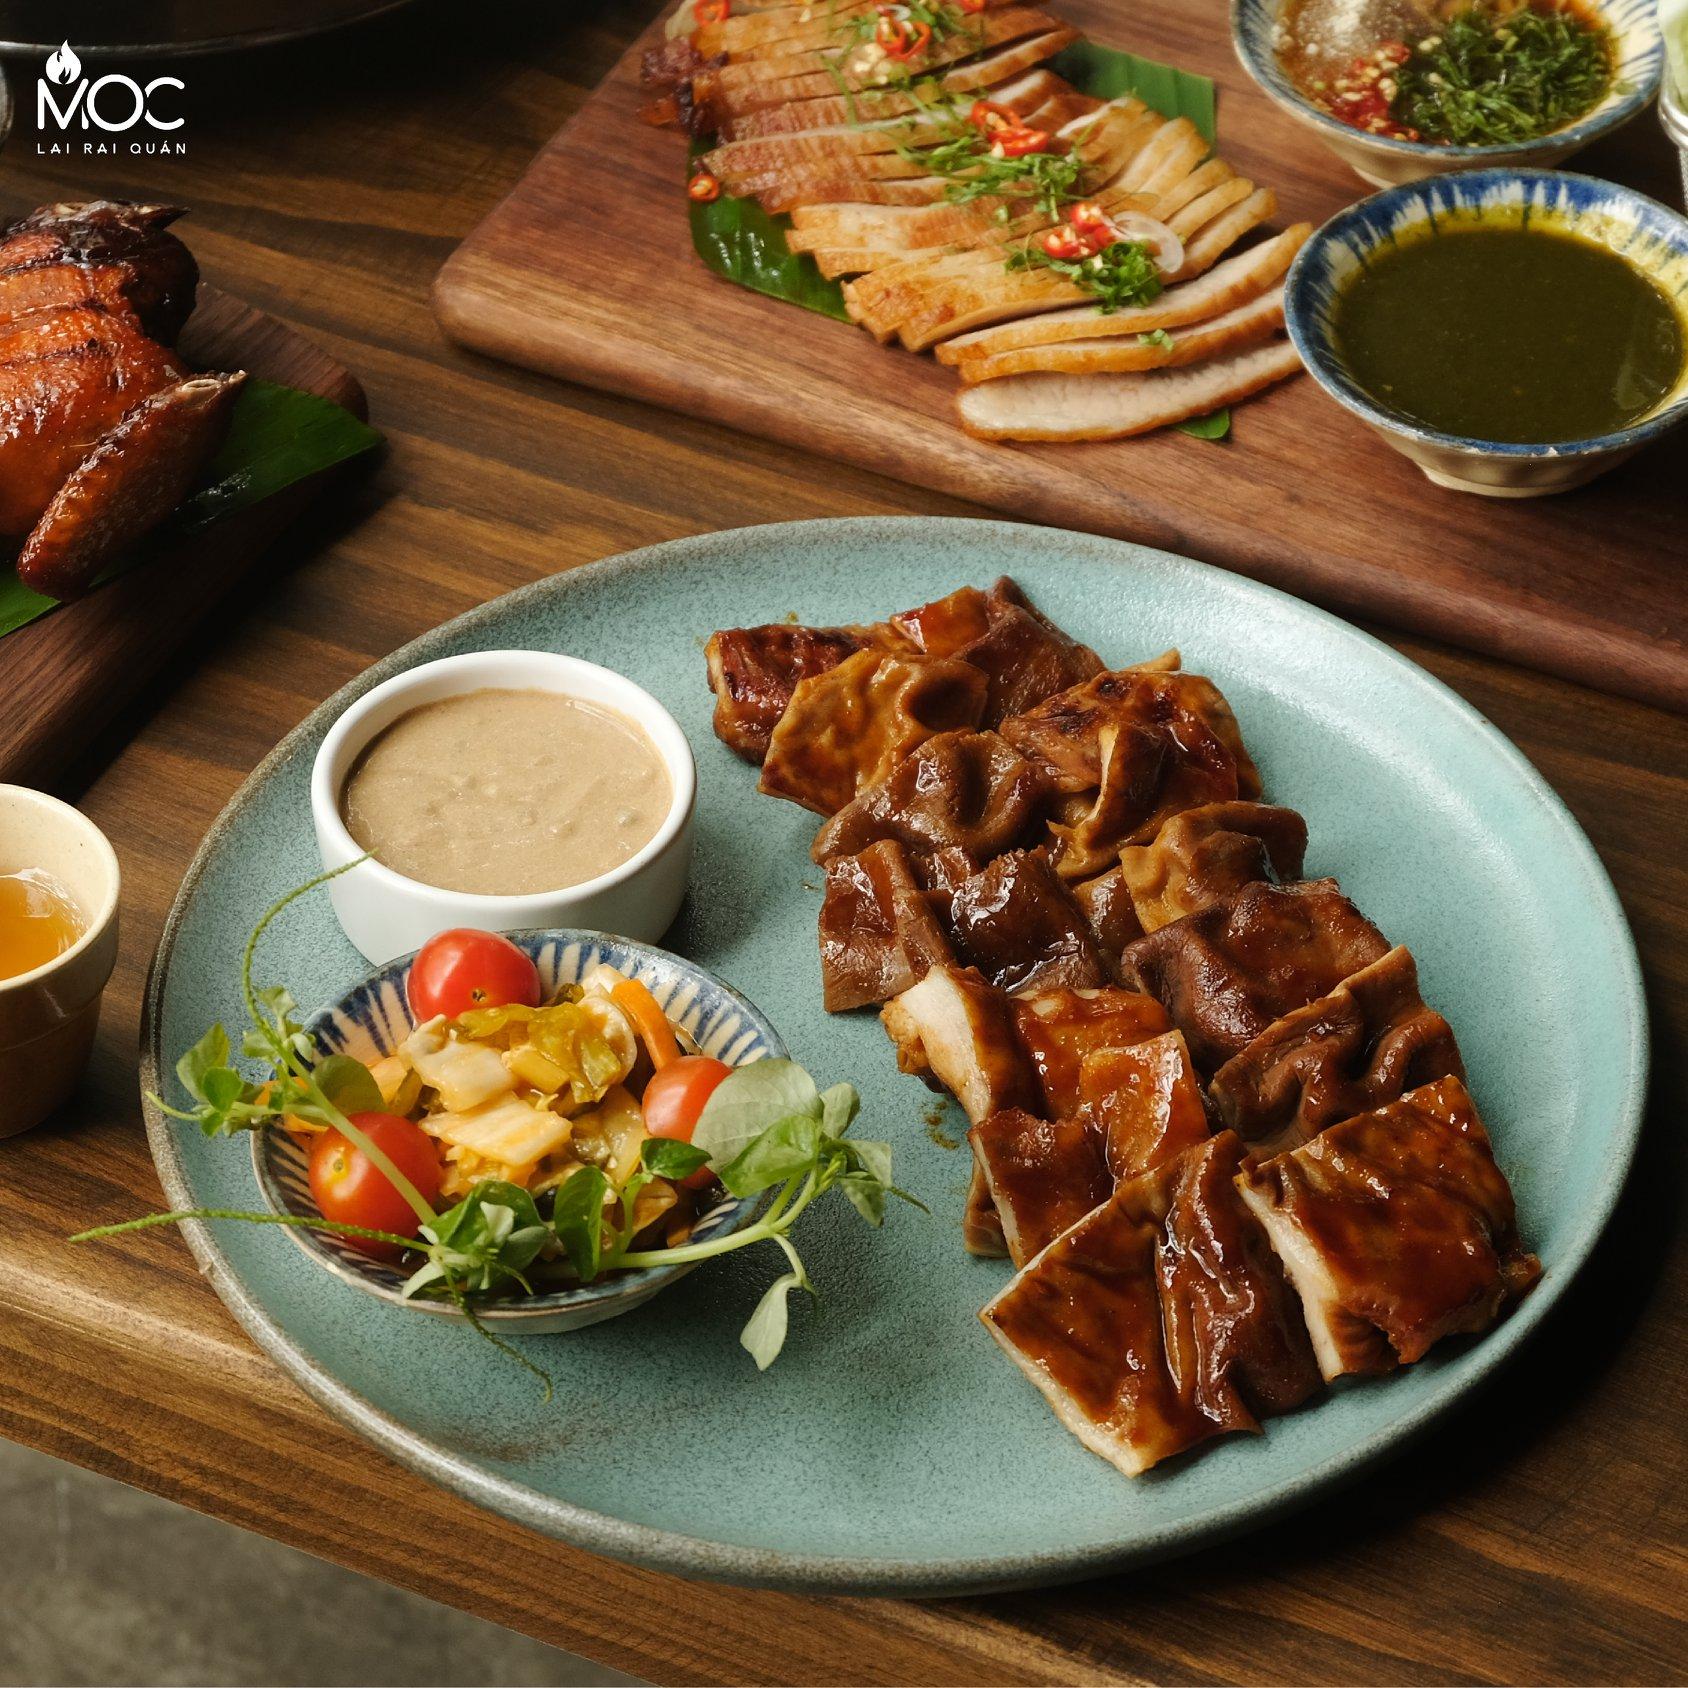 5 nhà hàng lí tưởng dành cho gia đình nhân dịp Trung thu ở TP HCM - Ảnh 11.